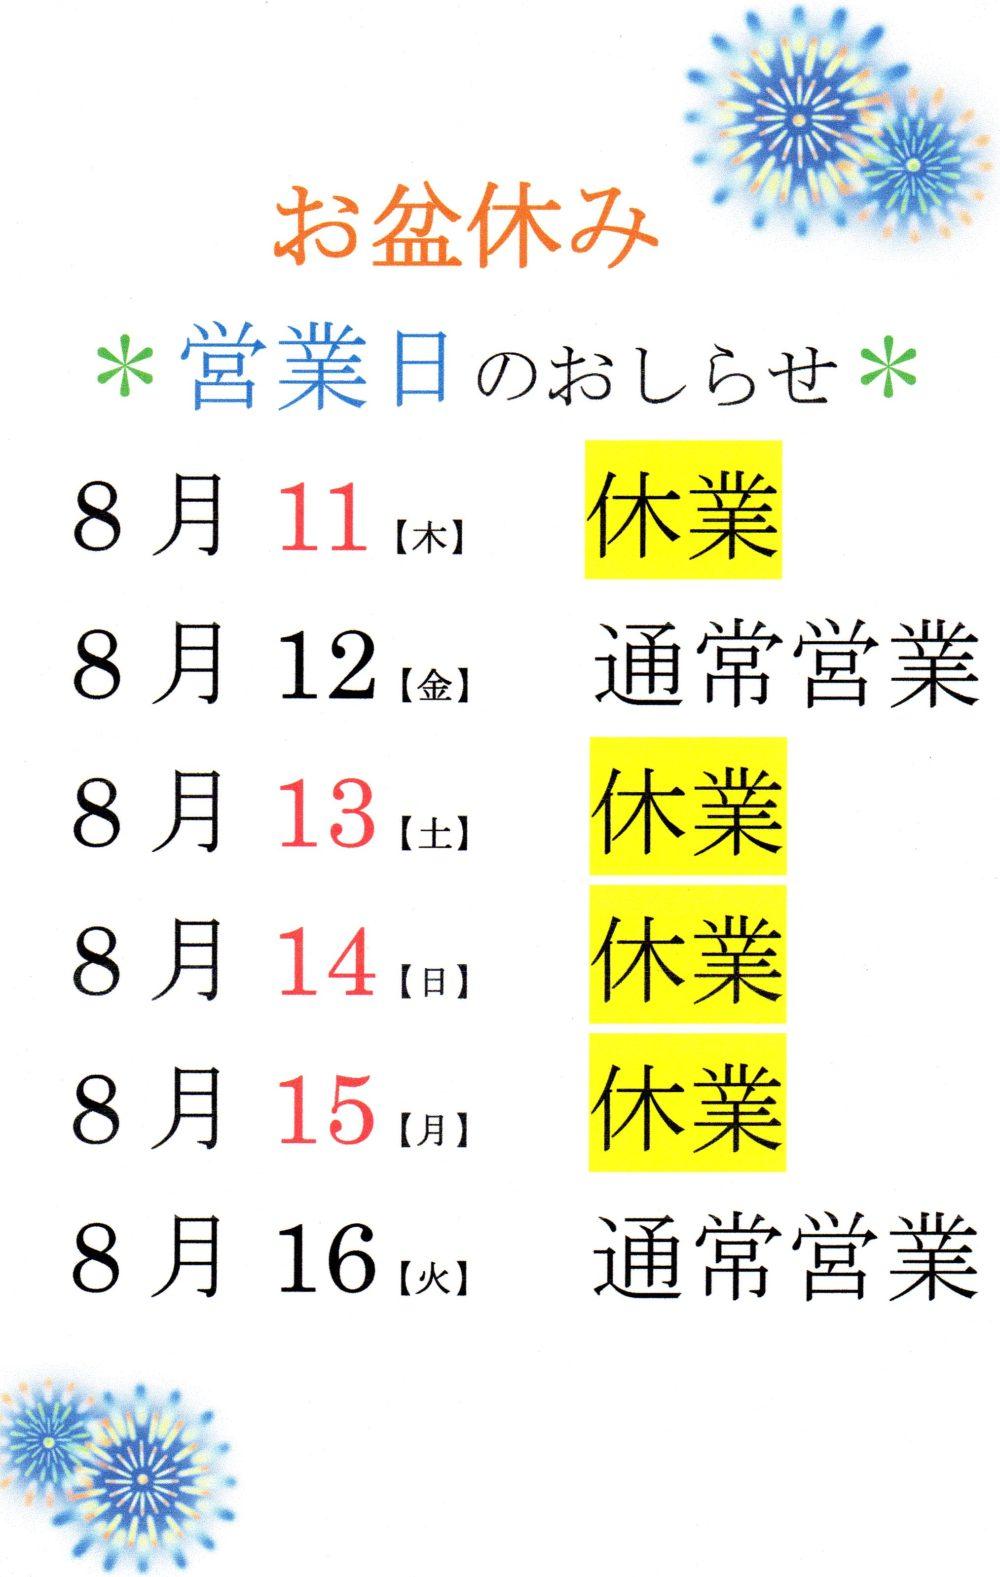 8月10日、11日休業 12日通常営業 13日~15日休業 16日通常営業です